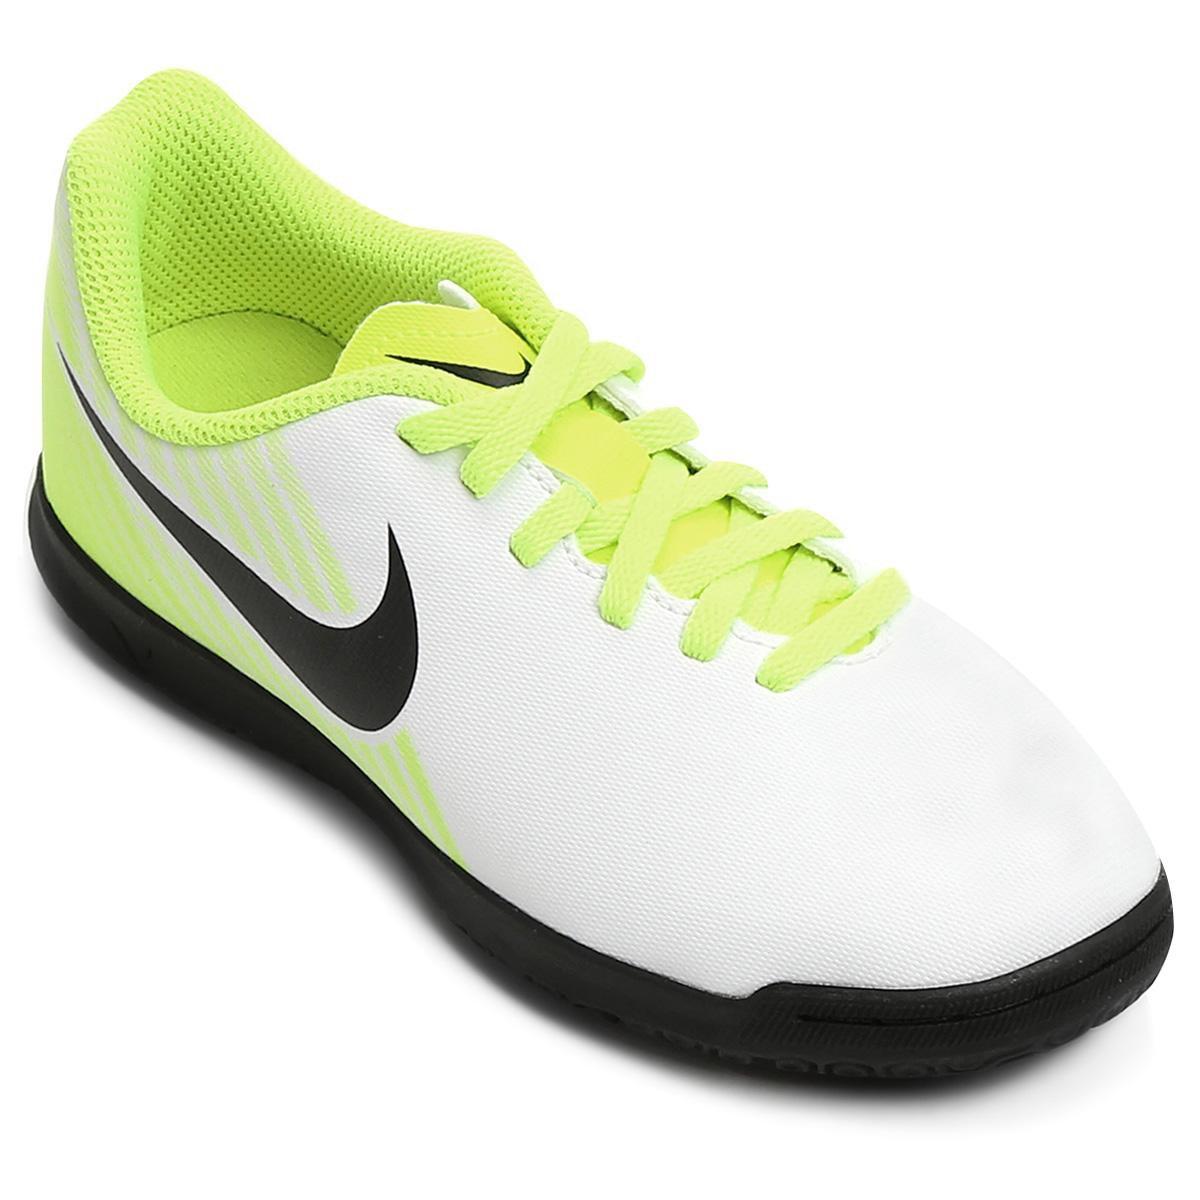 Chuteira Futsal Infantil Nike Magista Ola II IC - Compre Agora ... 3fad6c7ac57b7